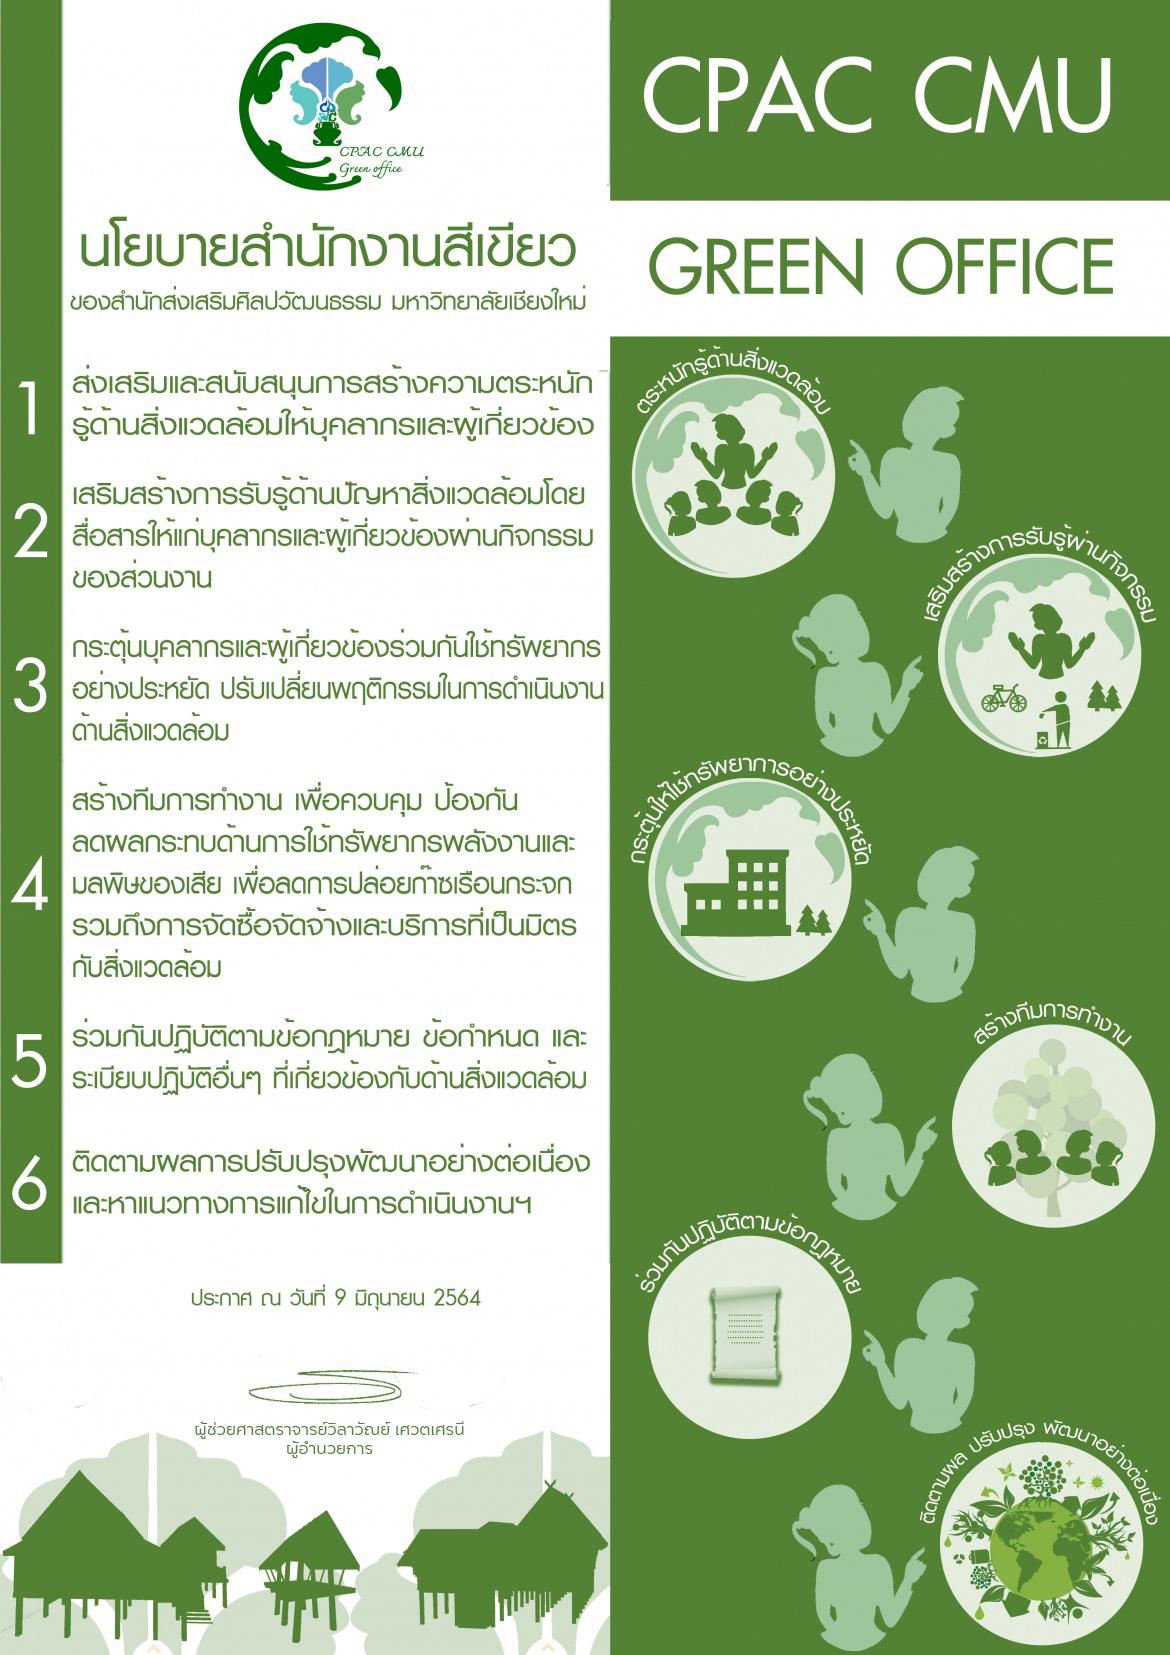 ประกาศนโยบายการจัดการสำนักงานสีเขียว ของสำนักส่งเสริมศิลปวัฒนธรรม มหาวิทยาลัยเชียงใหม่